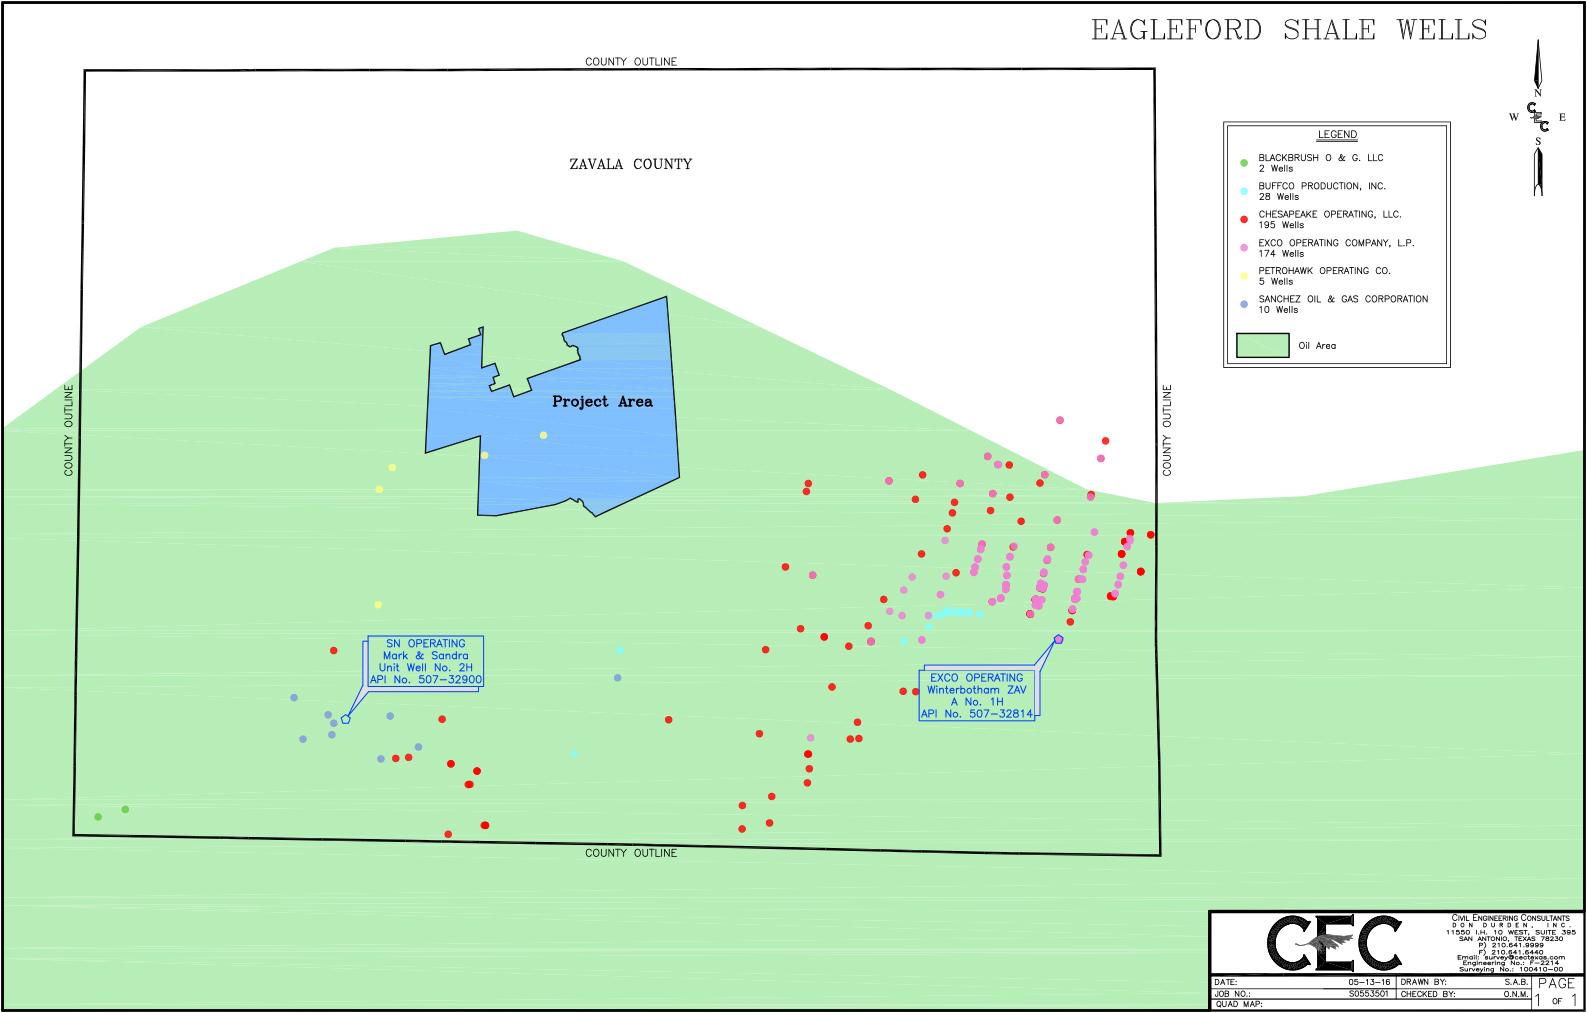 EAGLEFORD-ACTIVTY-ZAVALA-COUNTY-W-OIL-WINDOW-MAP-4.jpg